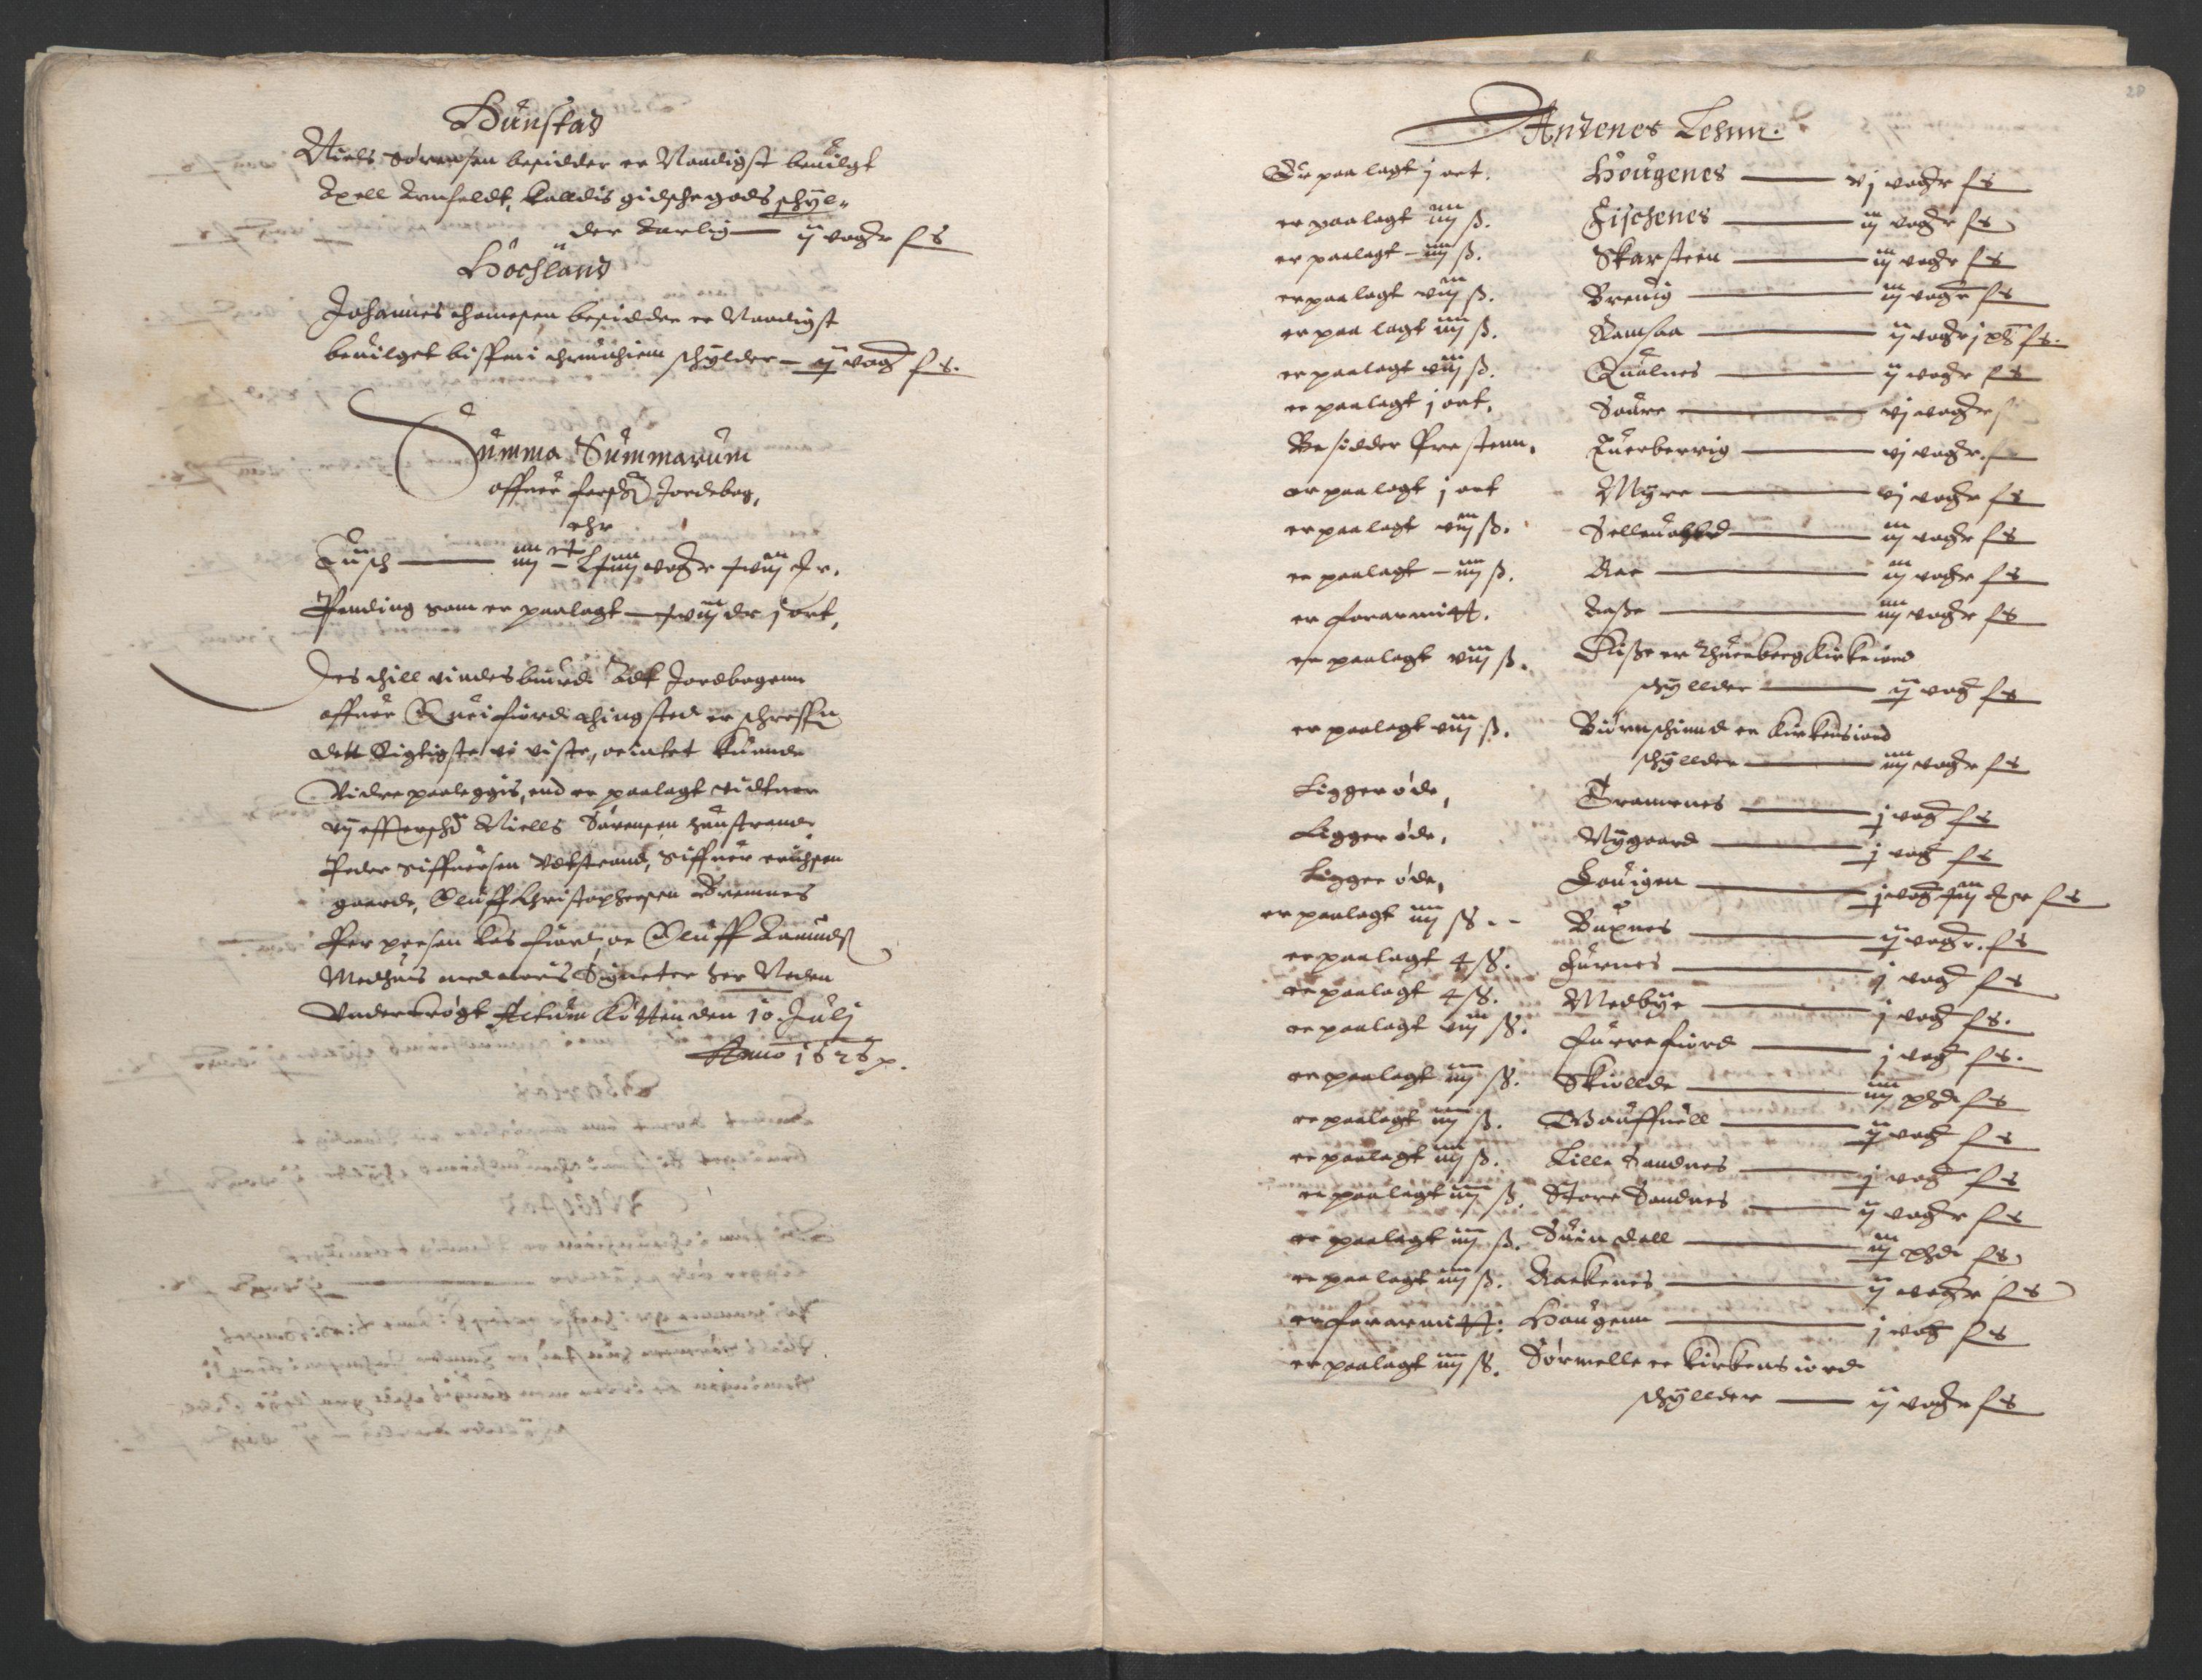 RA, Stattholderembetet 1572-1771, Ek/L0006: Jordebøker til utlikning av garnisonsskatt 1624-1626:, 1626, s. 22